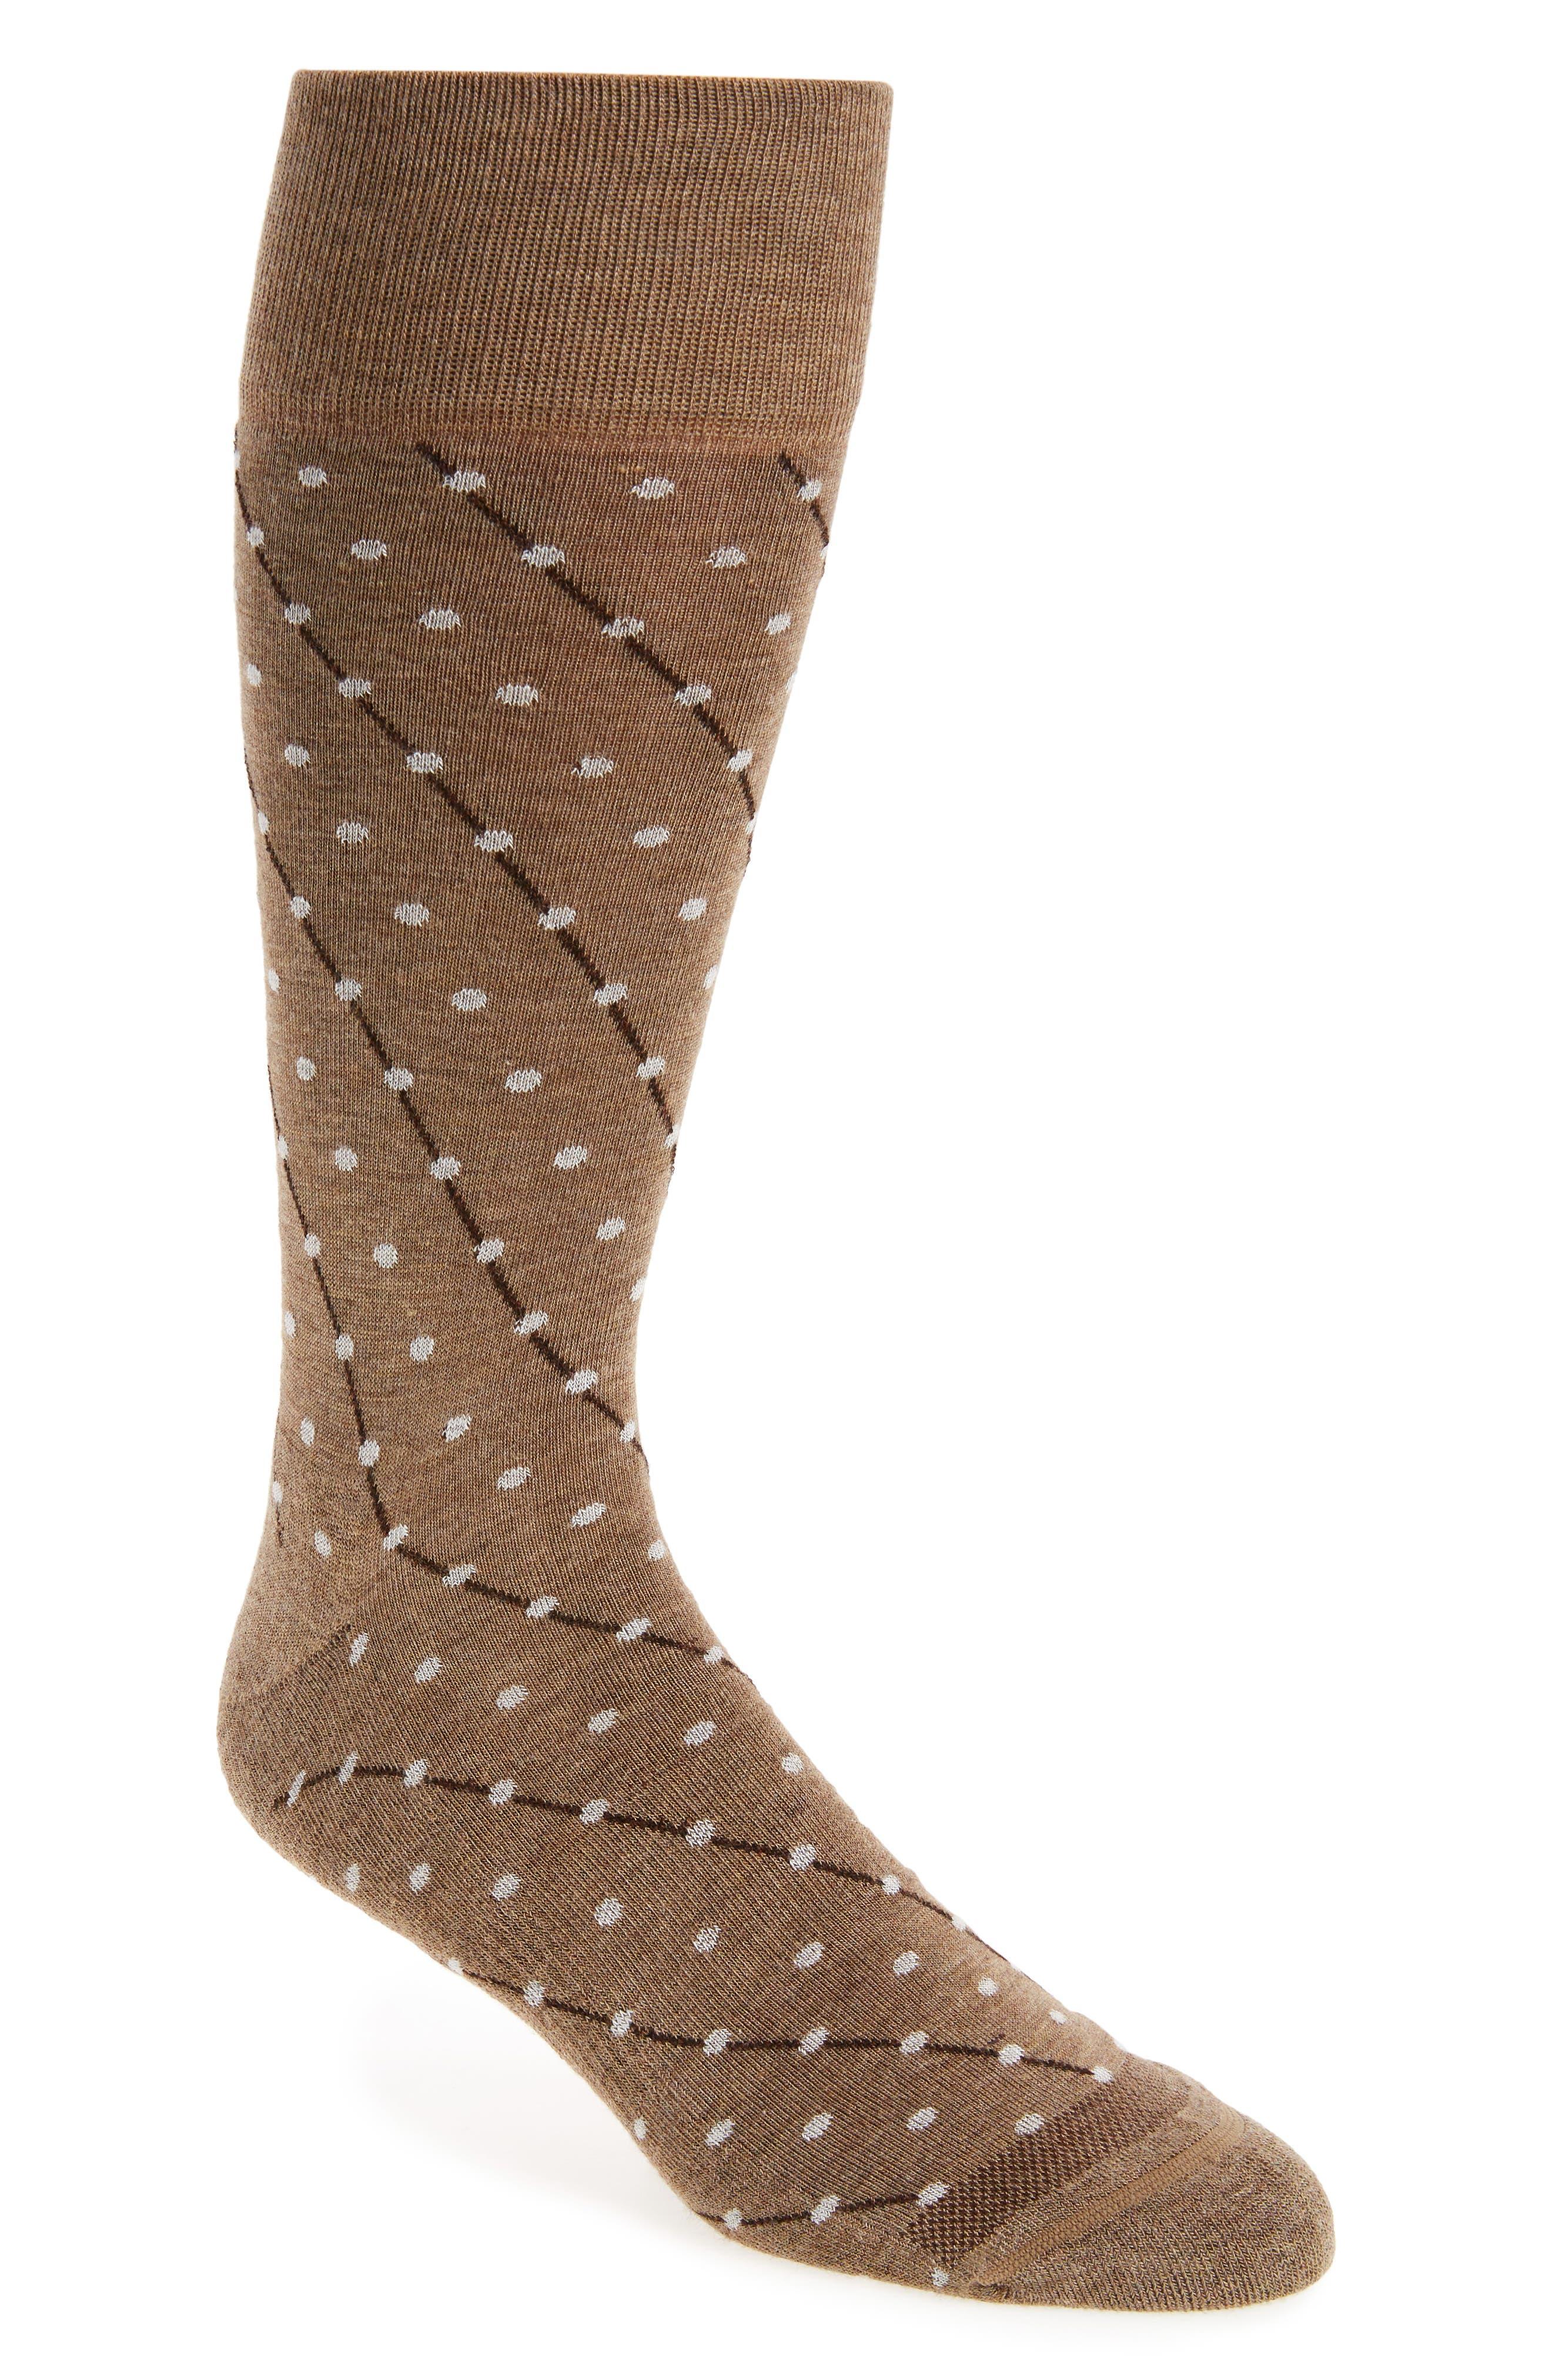 Alternate Image 1 Selected - Nordstrom Men's Shop Dot Socks (3 for $30)